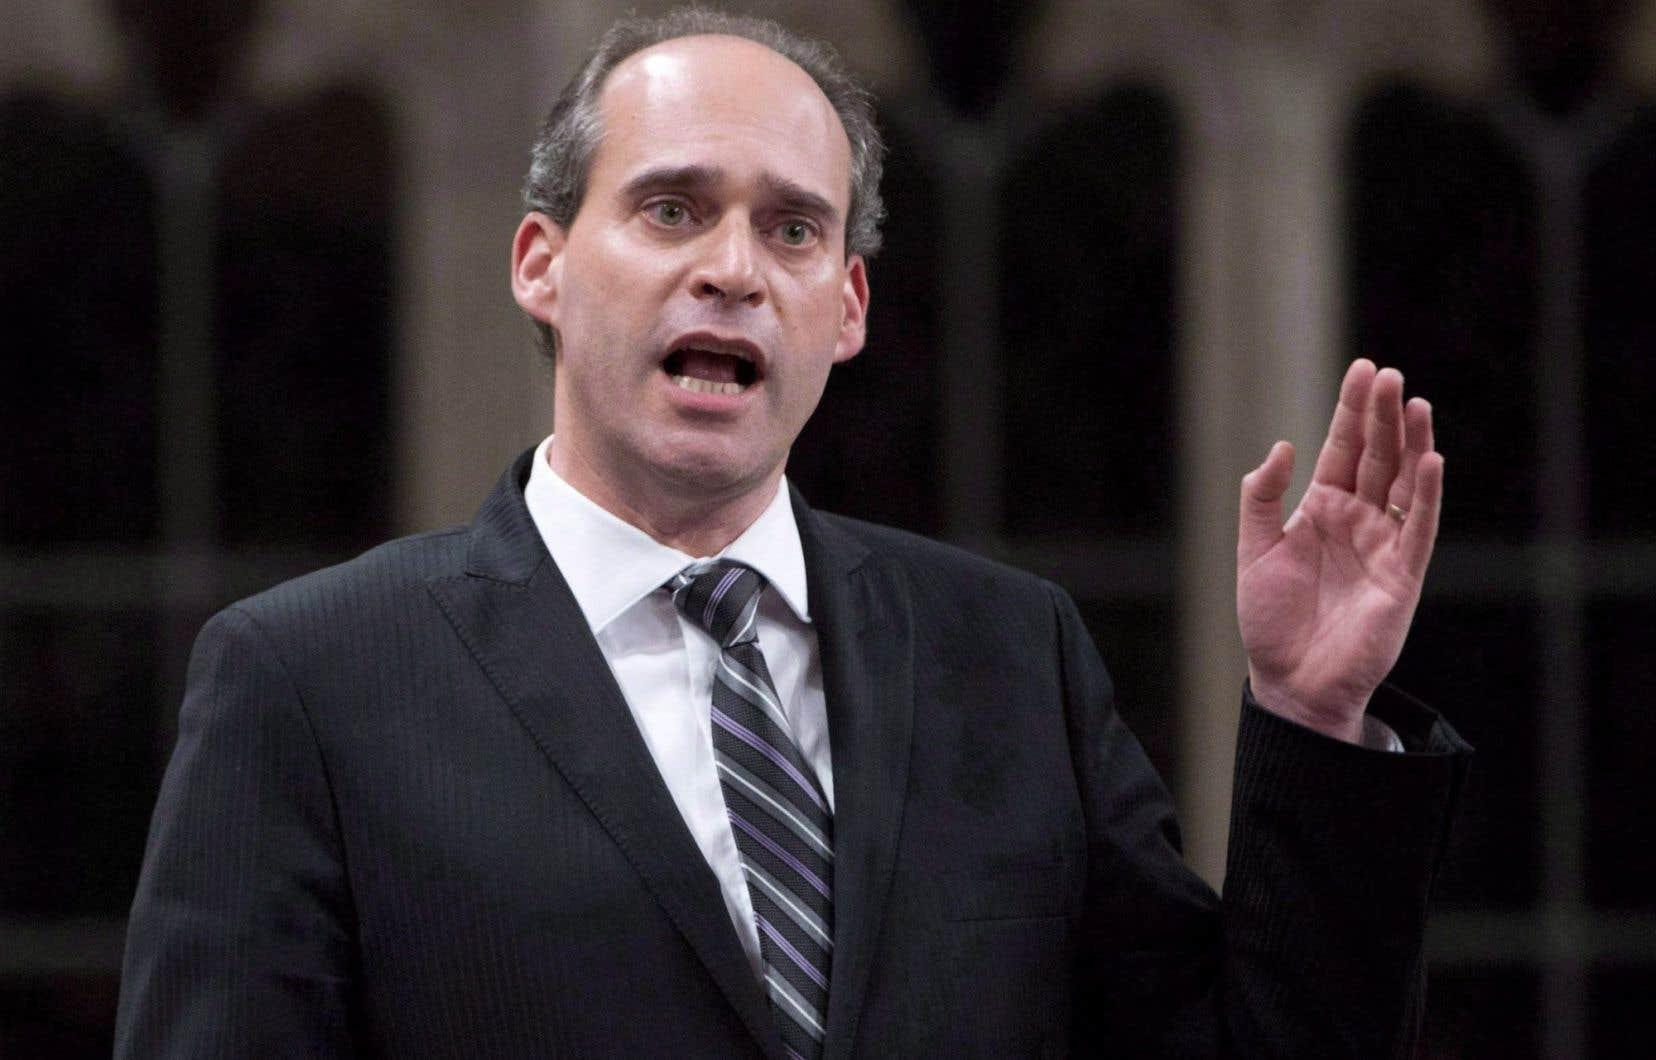 Guy Caron a été élu député de la région de Rimouski en 2011, puis réélu aux élections de 2015.